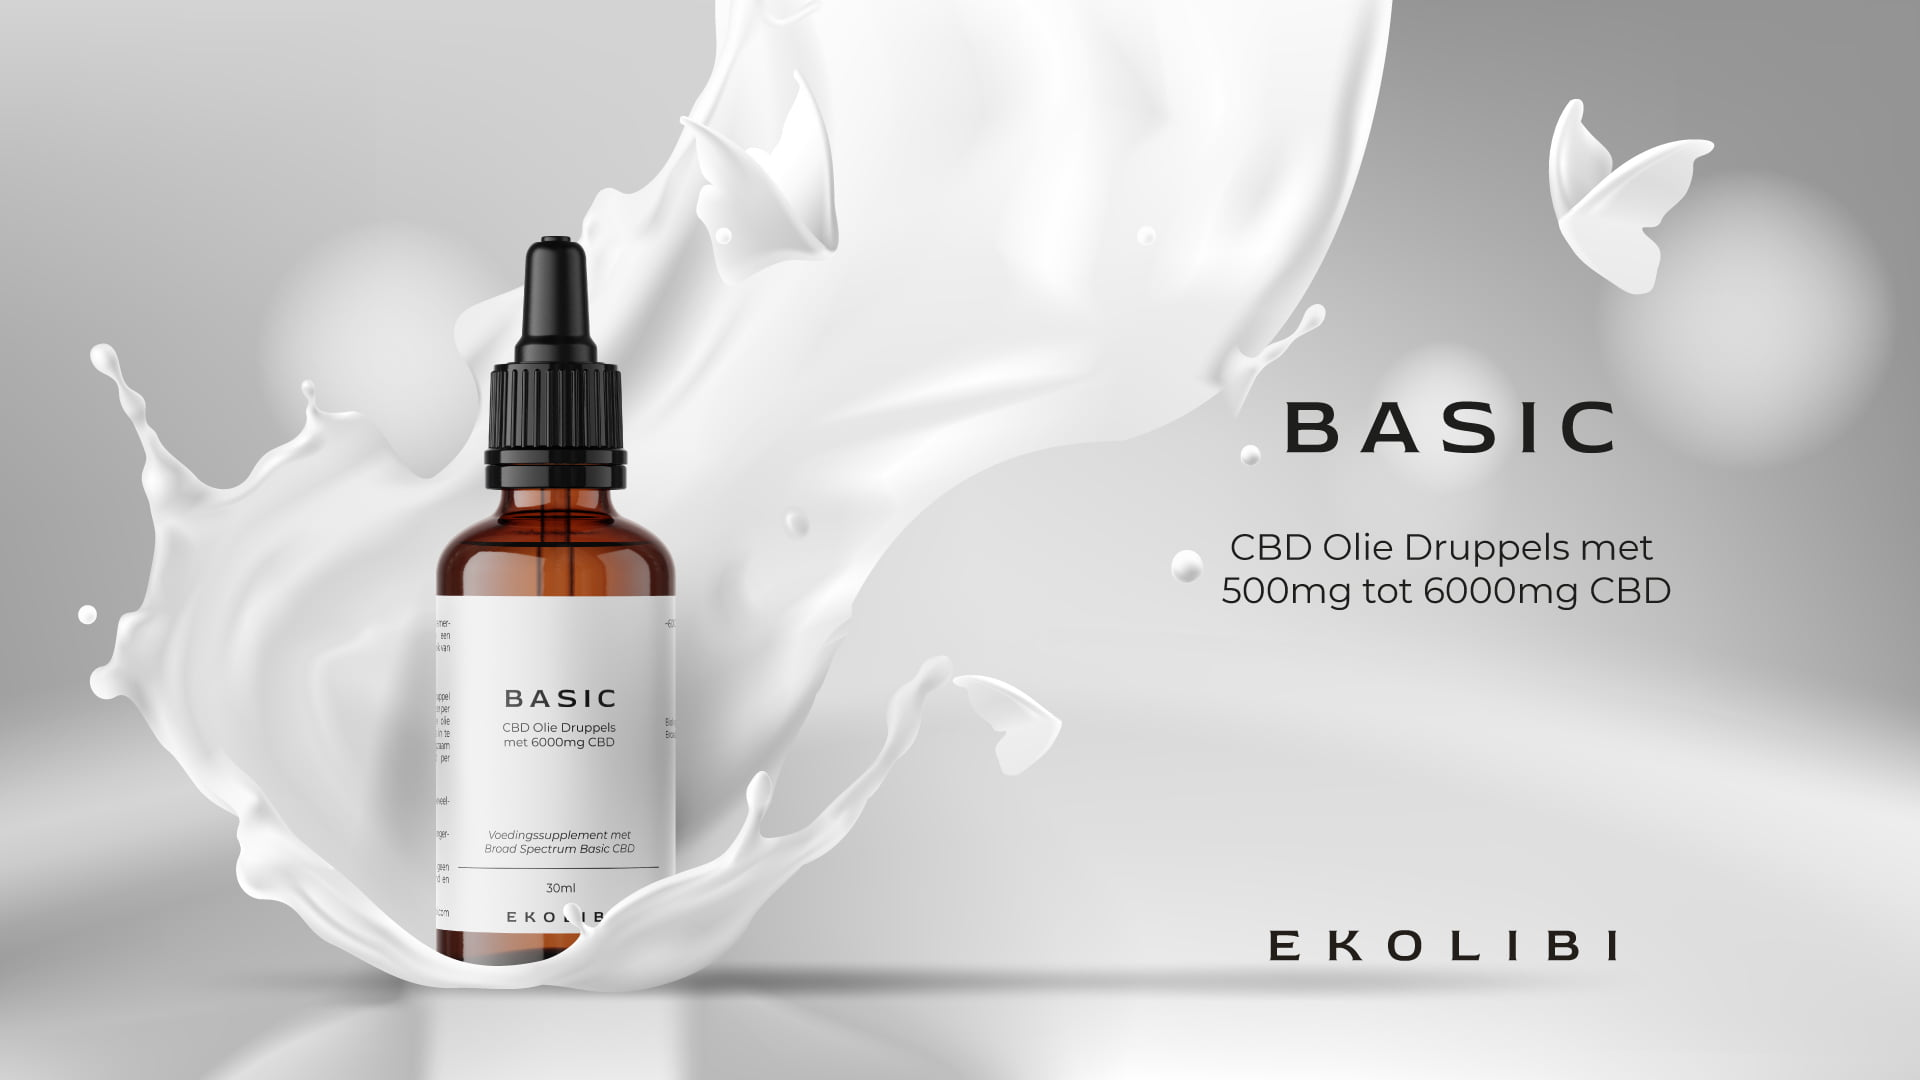 Ekolibi Basic CBD productpagina